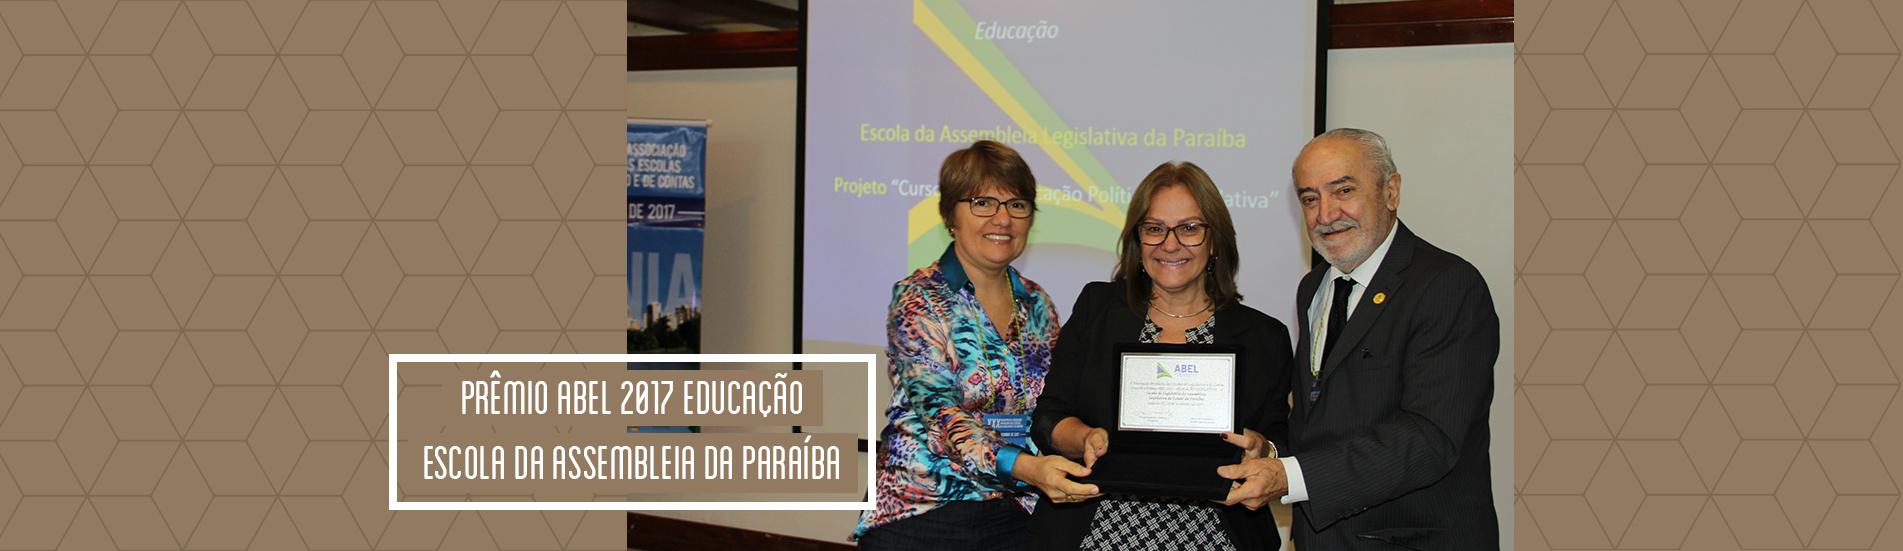 banner-site-abel-premio-abel-2017